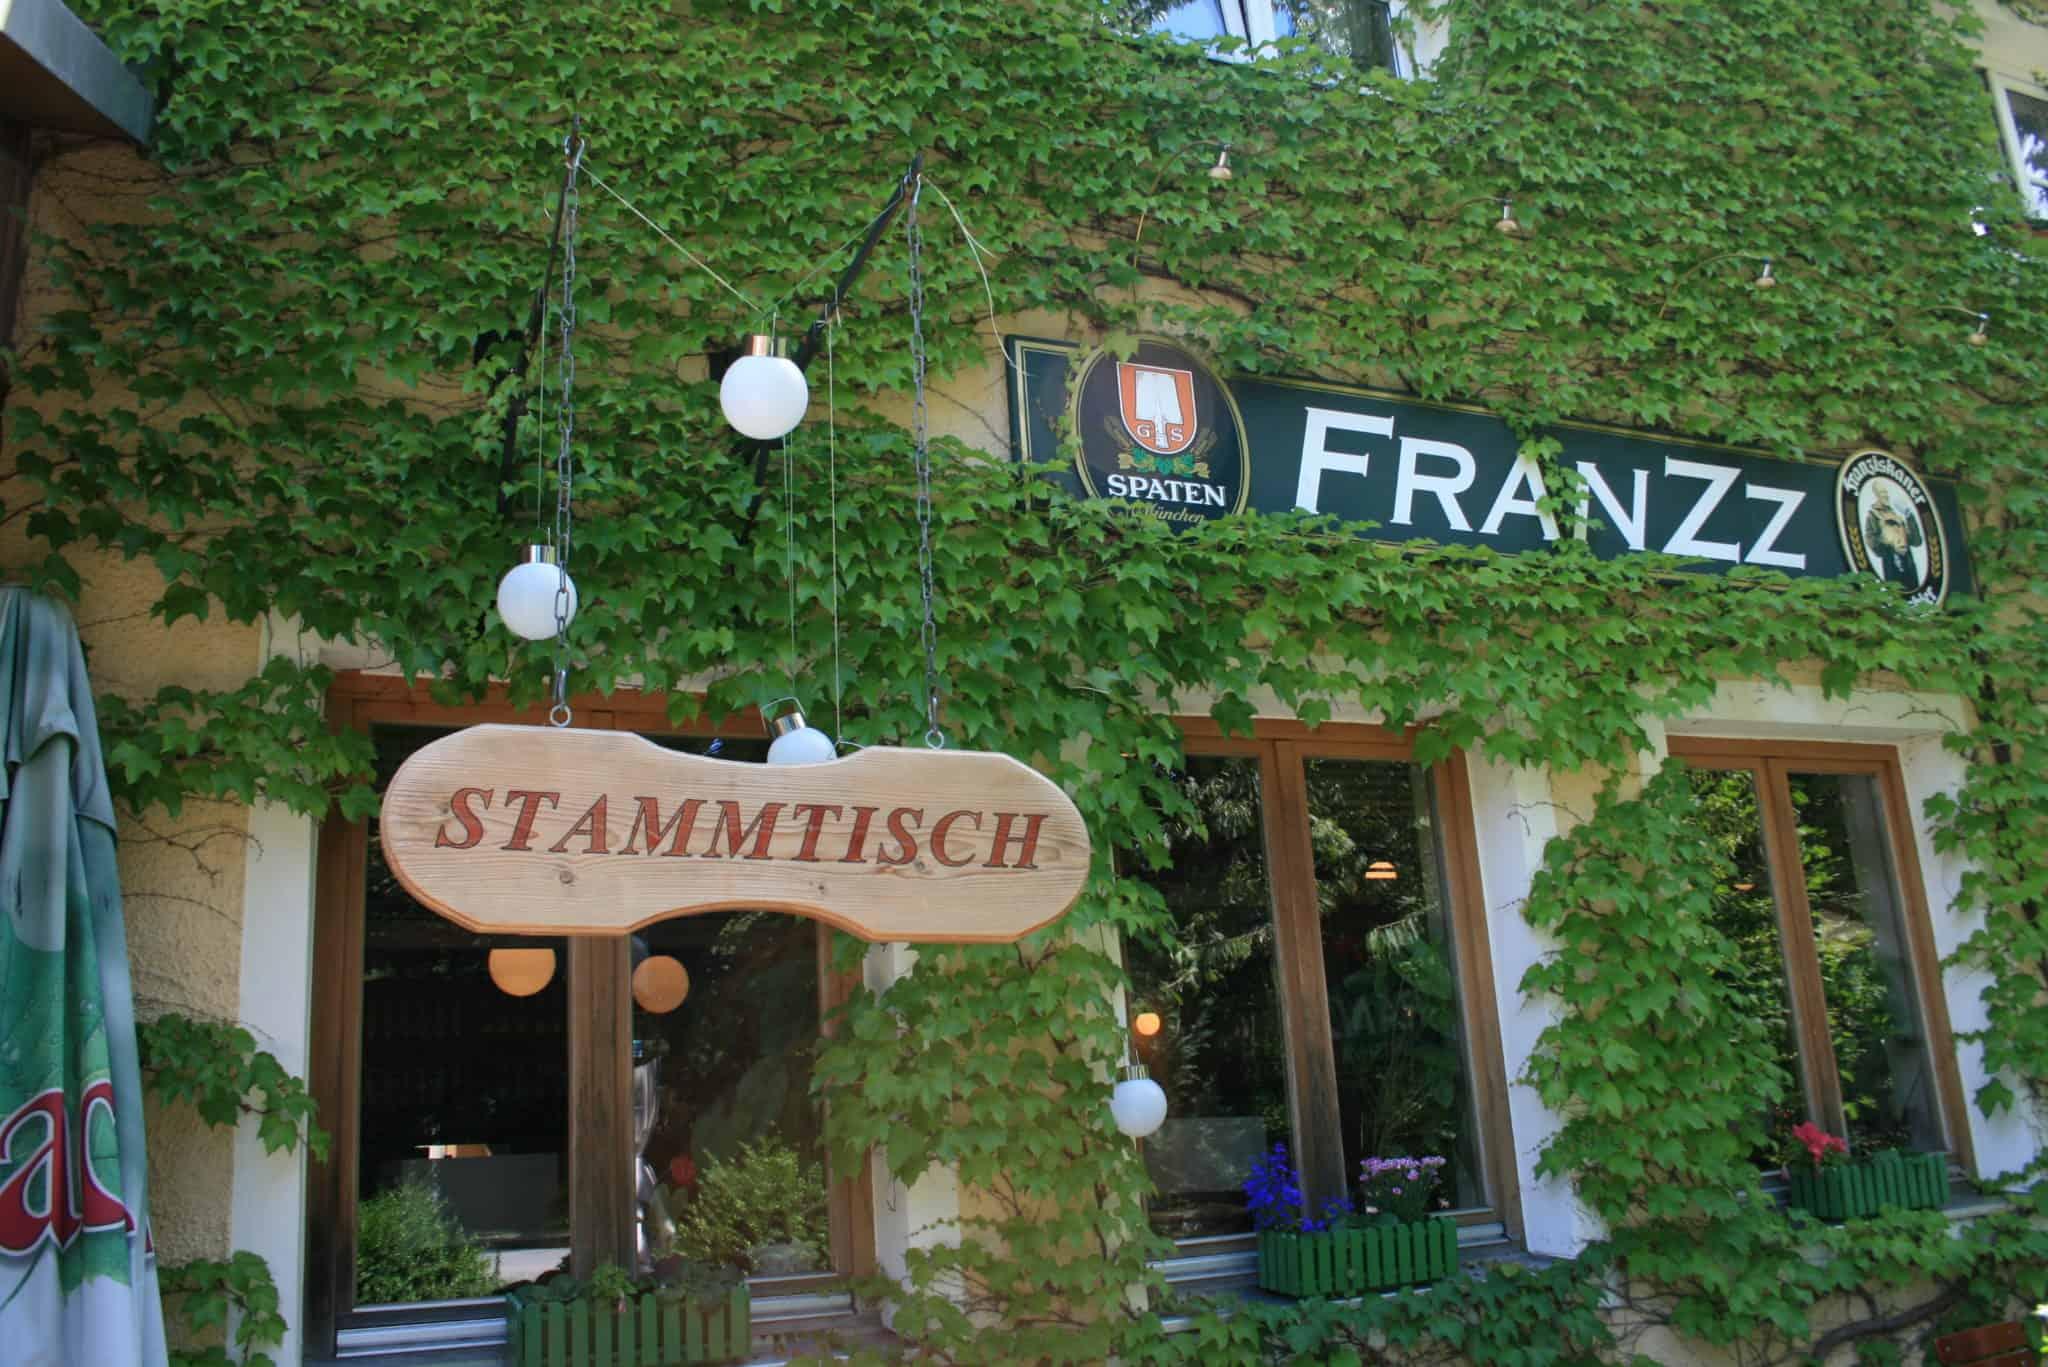 Willkommen im Wirtshaus Franzz